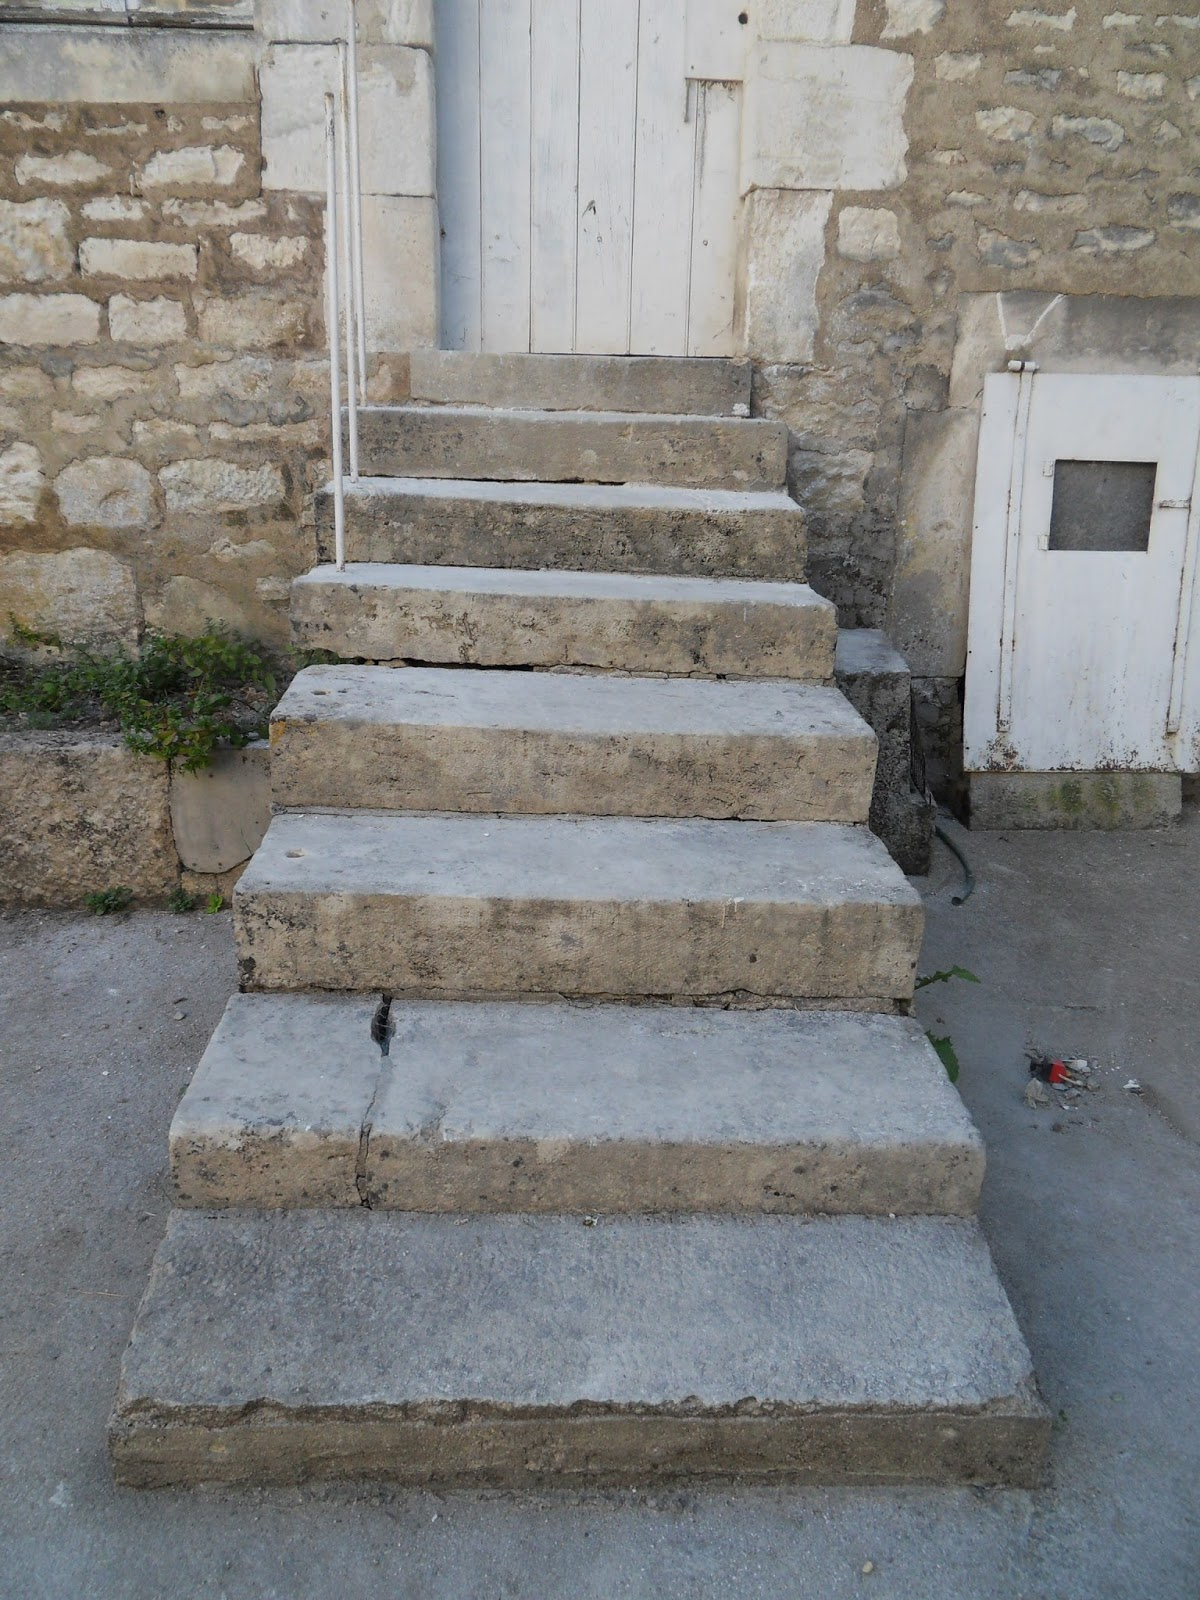 Pierre De L Yonne vide-maison: a vendre. cinq marches de pierre ancienne a